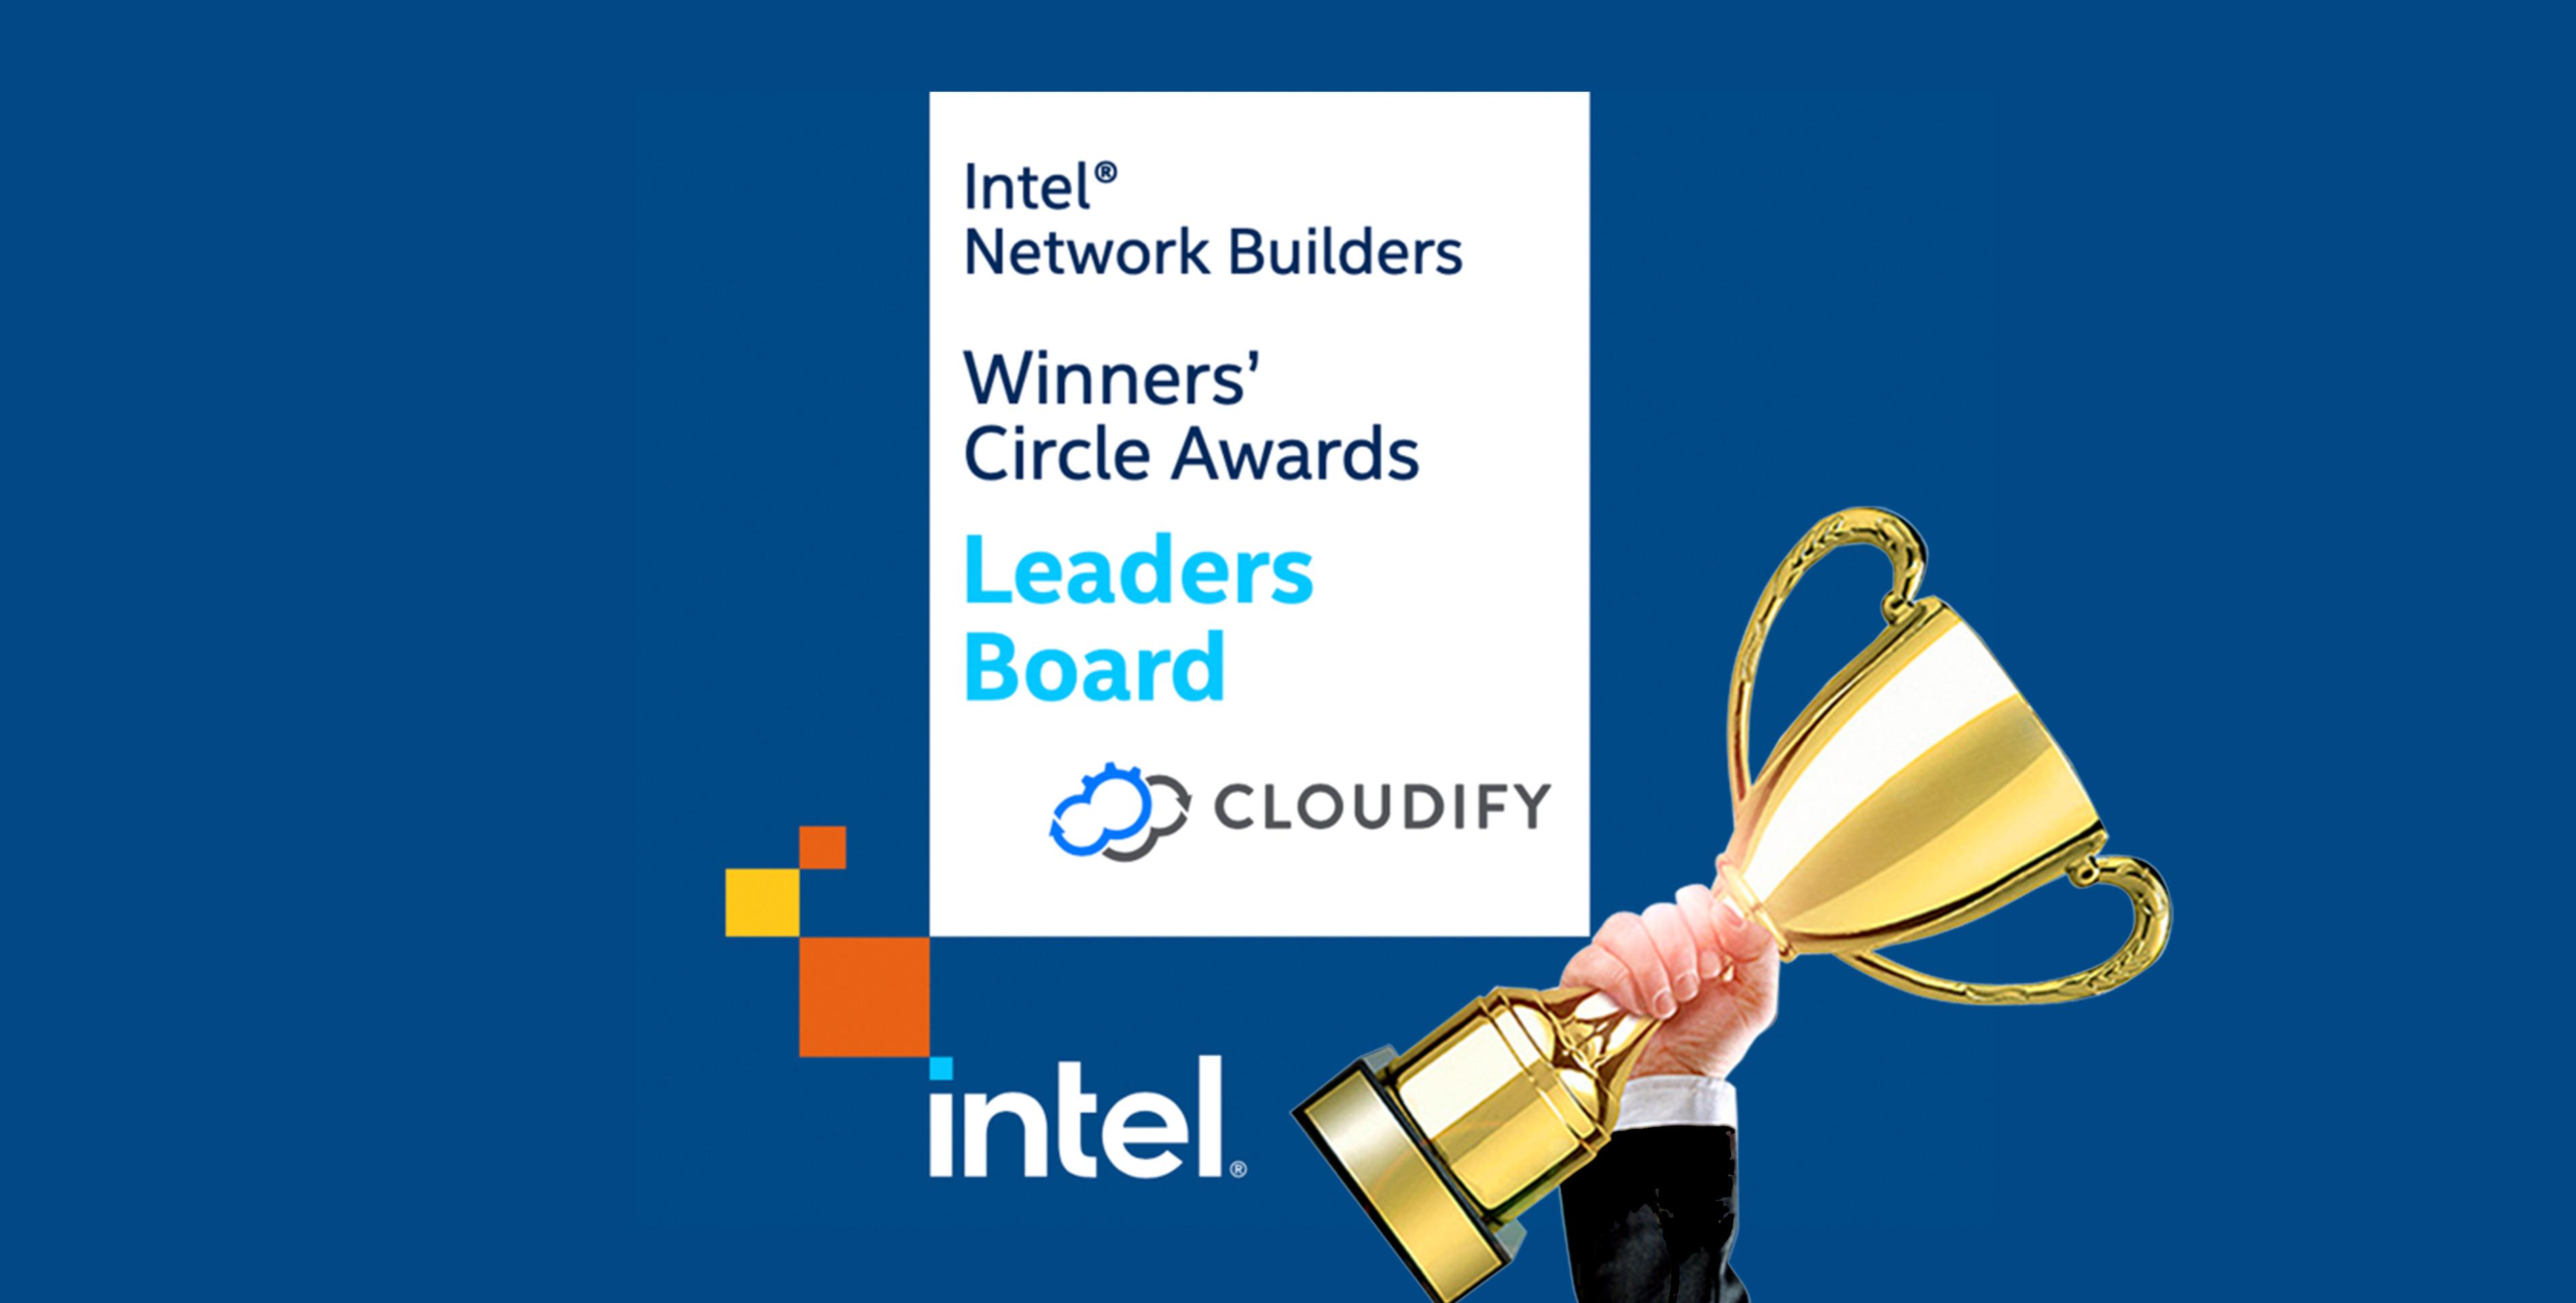 intel winners circle cloudify